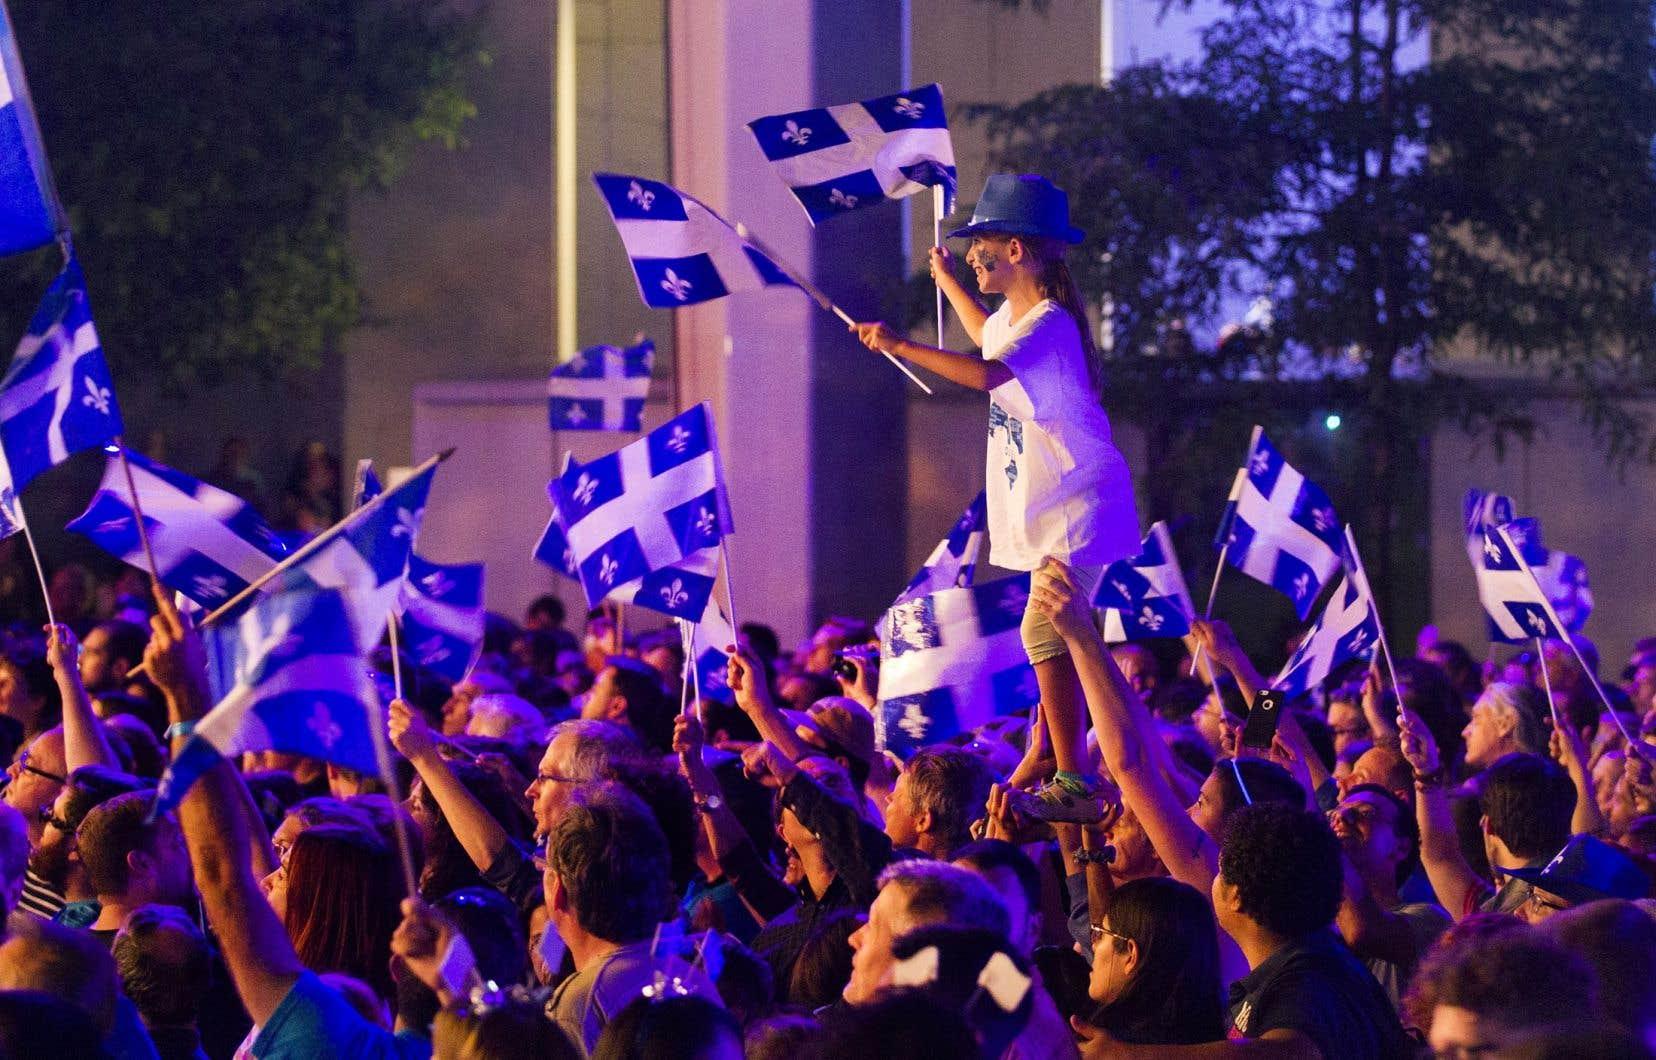 Spectacle de la Fête nationale sur la Place des festivals, à Montréal, en 2015.